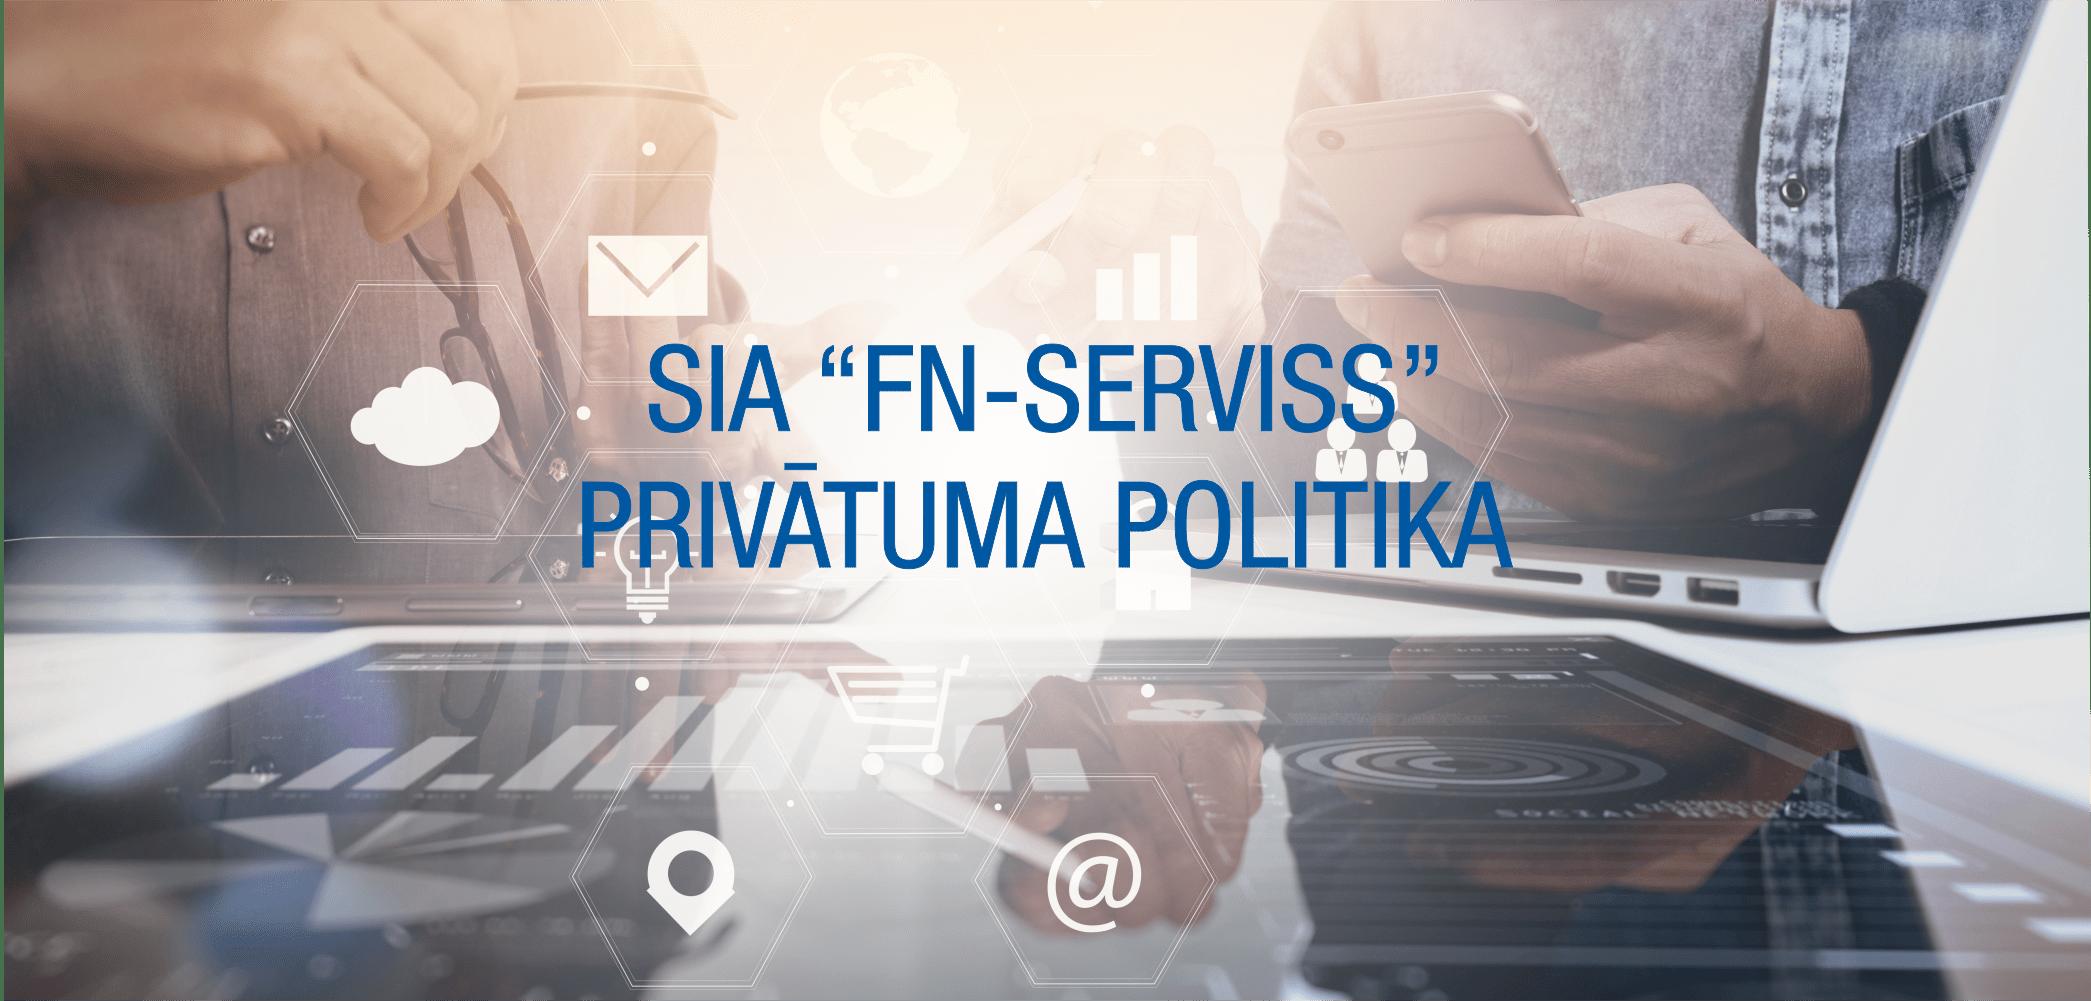 FN-SERVISS Privātuma politika